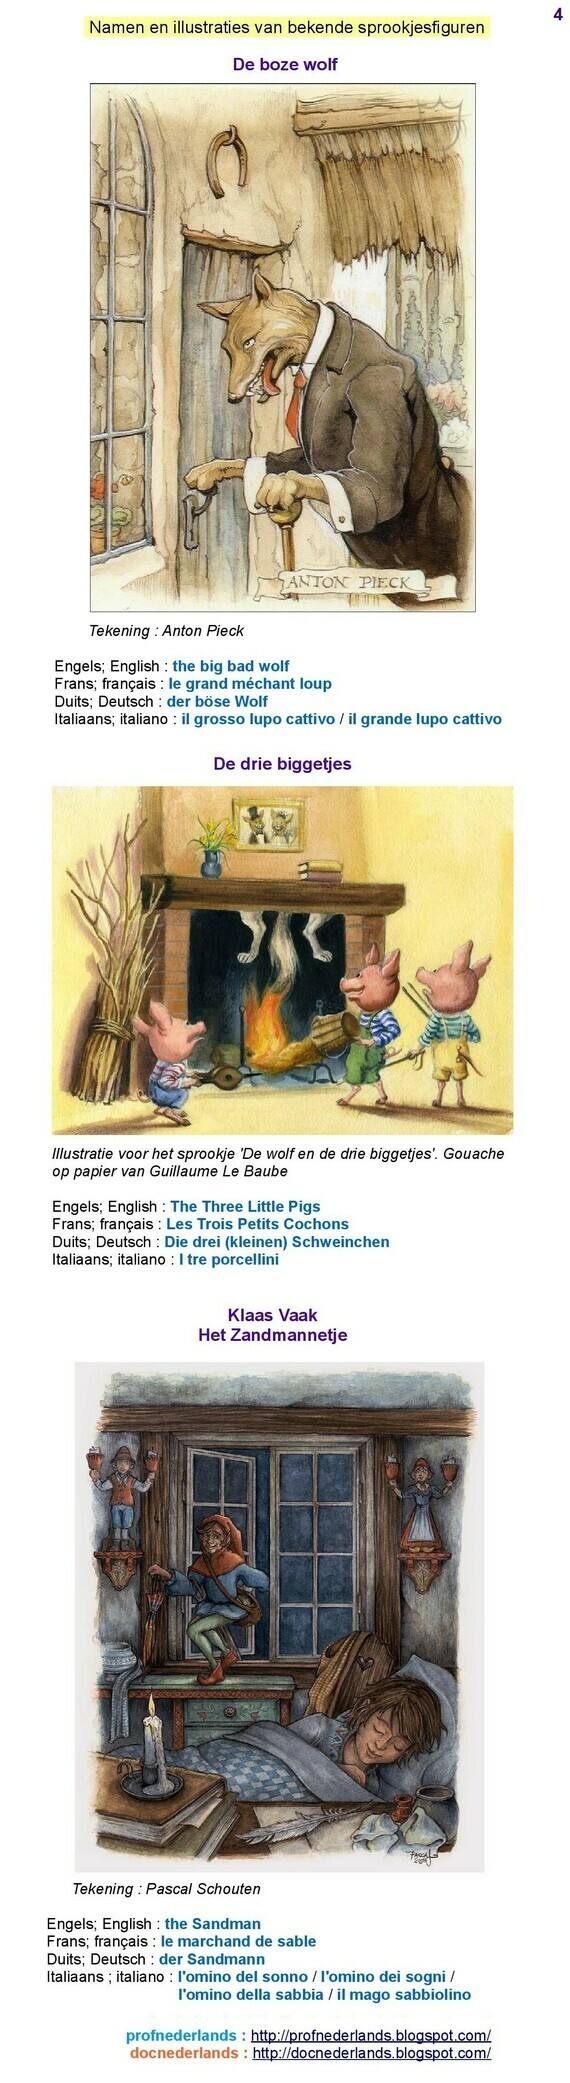 Namen van sprookjesfiguren (4)